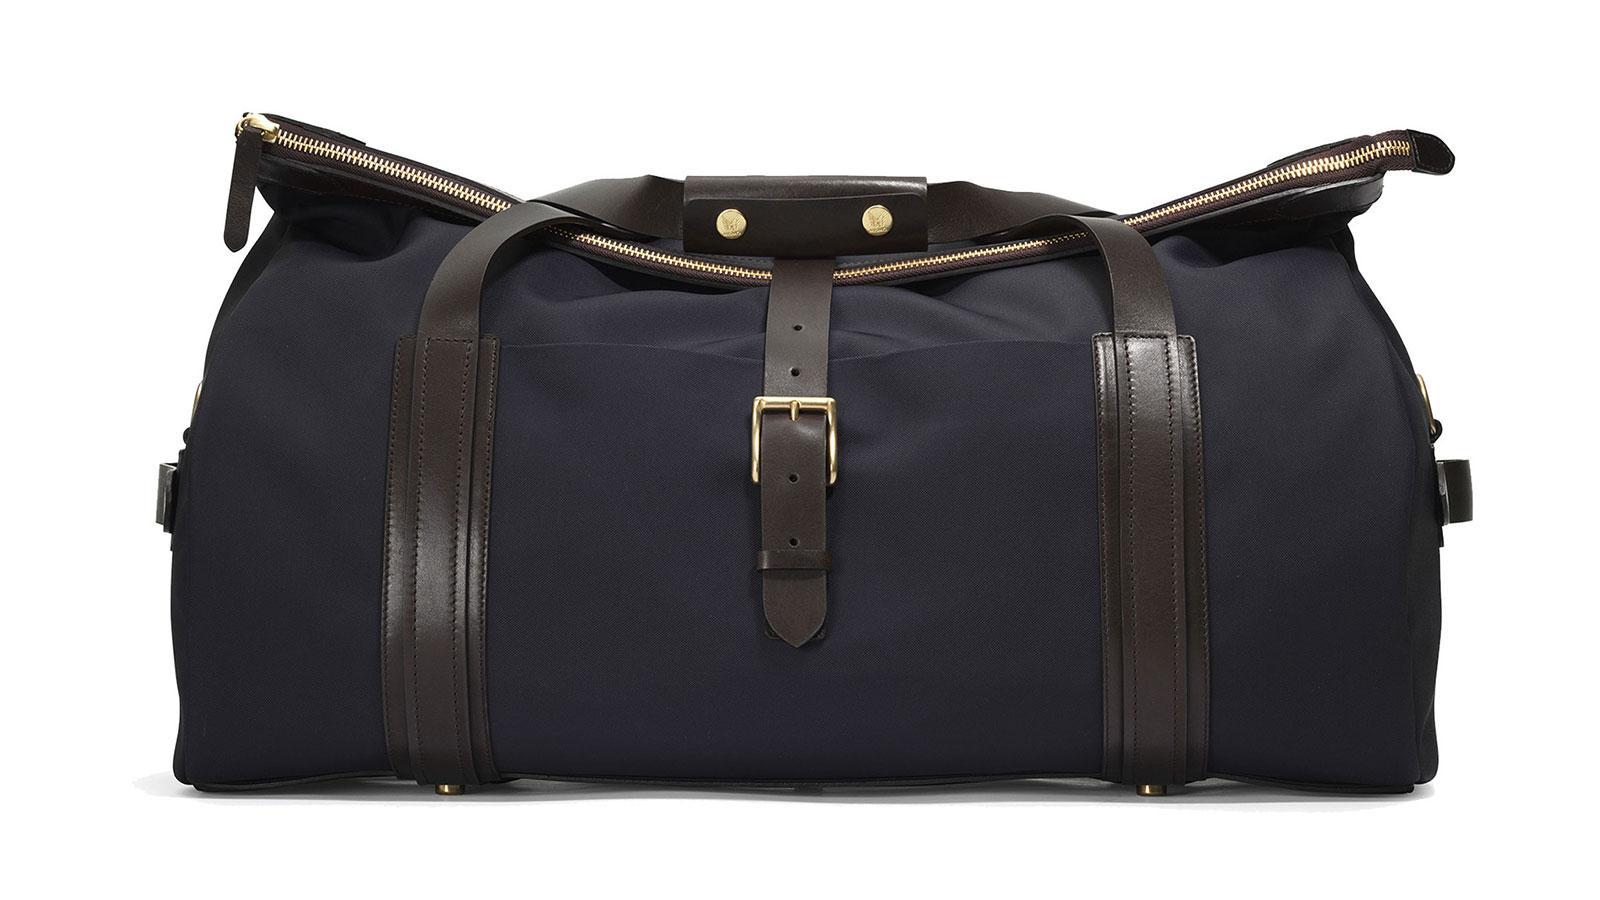 Mismo M/X Explorer Navy/Dark Brown Weekender Duffel Bag | the best weekender bags for men